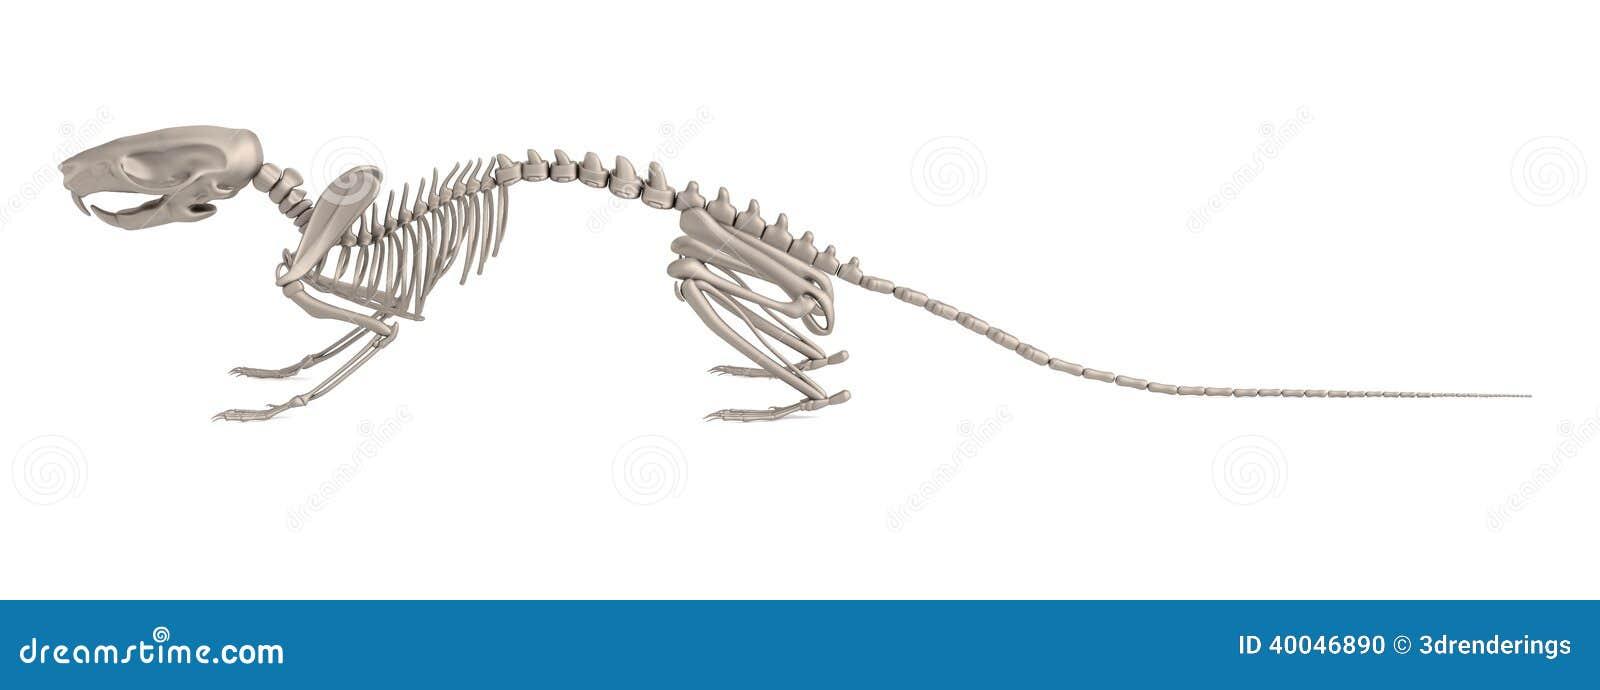 Business plan skeleton